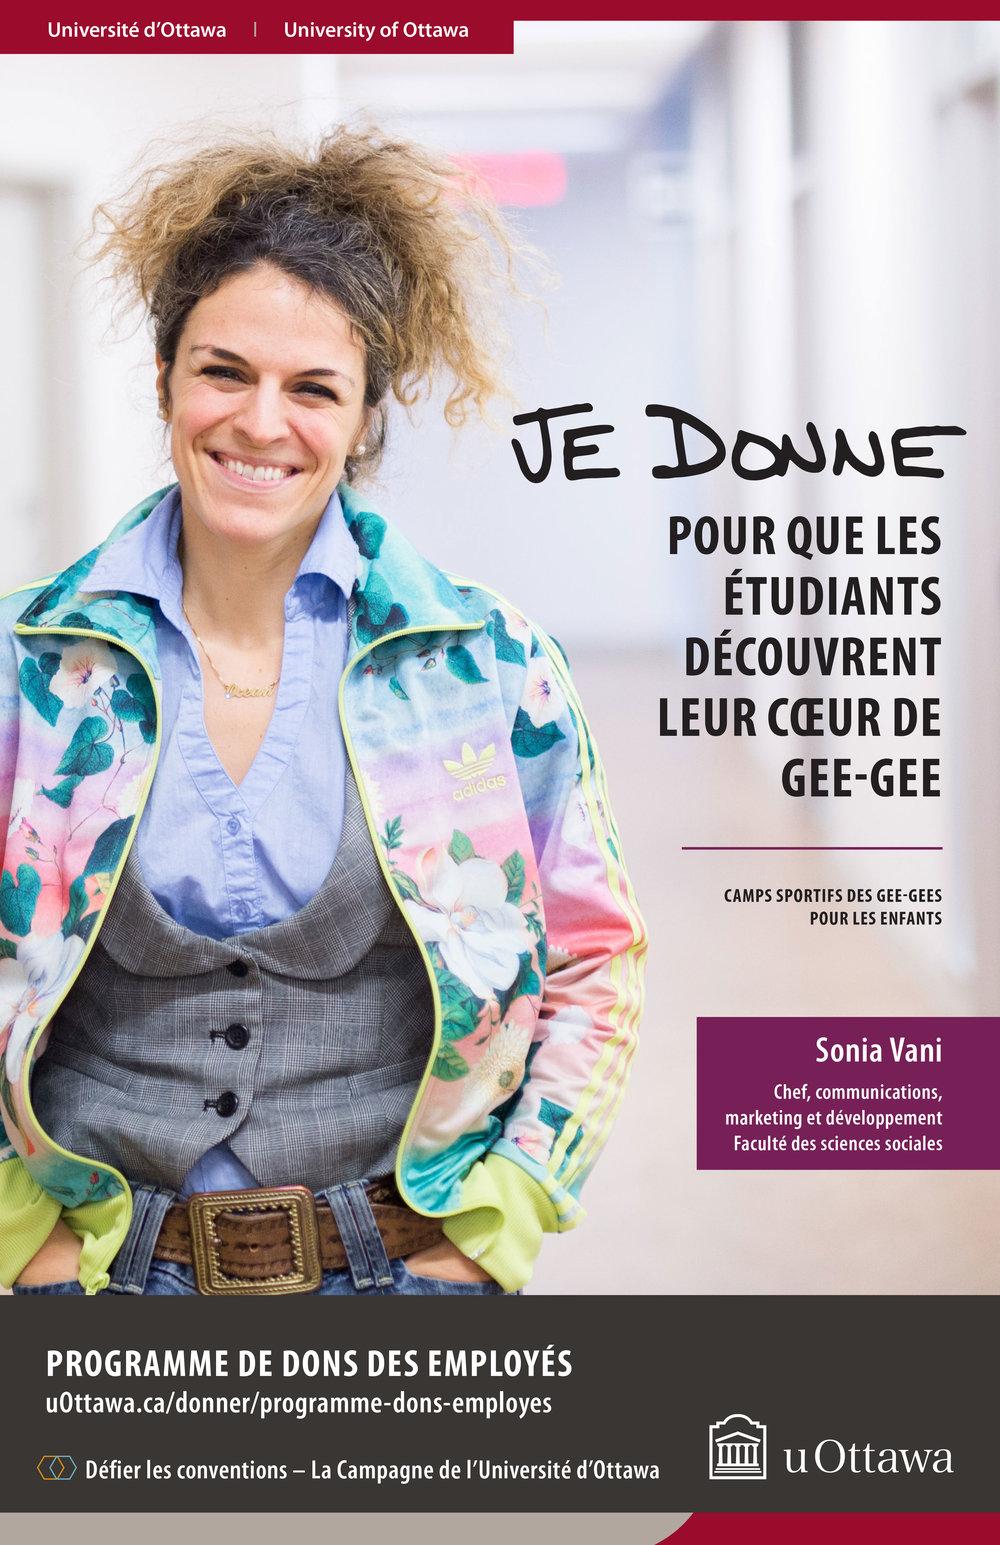 DEVT15_252_EmployeeGiving2016_Posters_FR_FINAL_PRINT_nocrop_SoniaVani.jpg